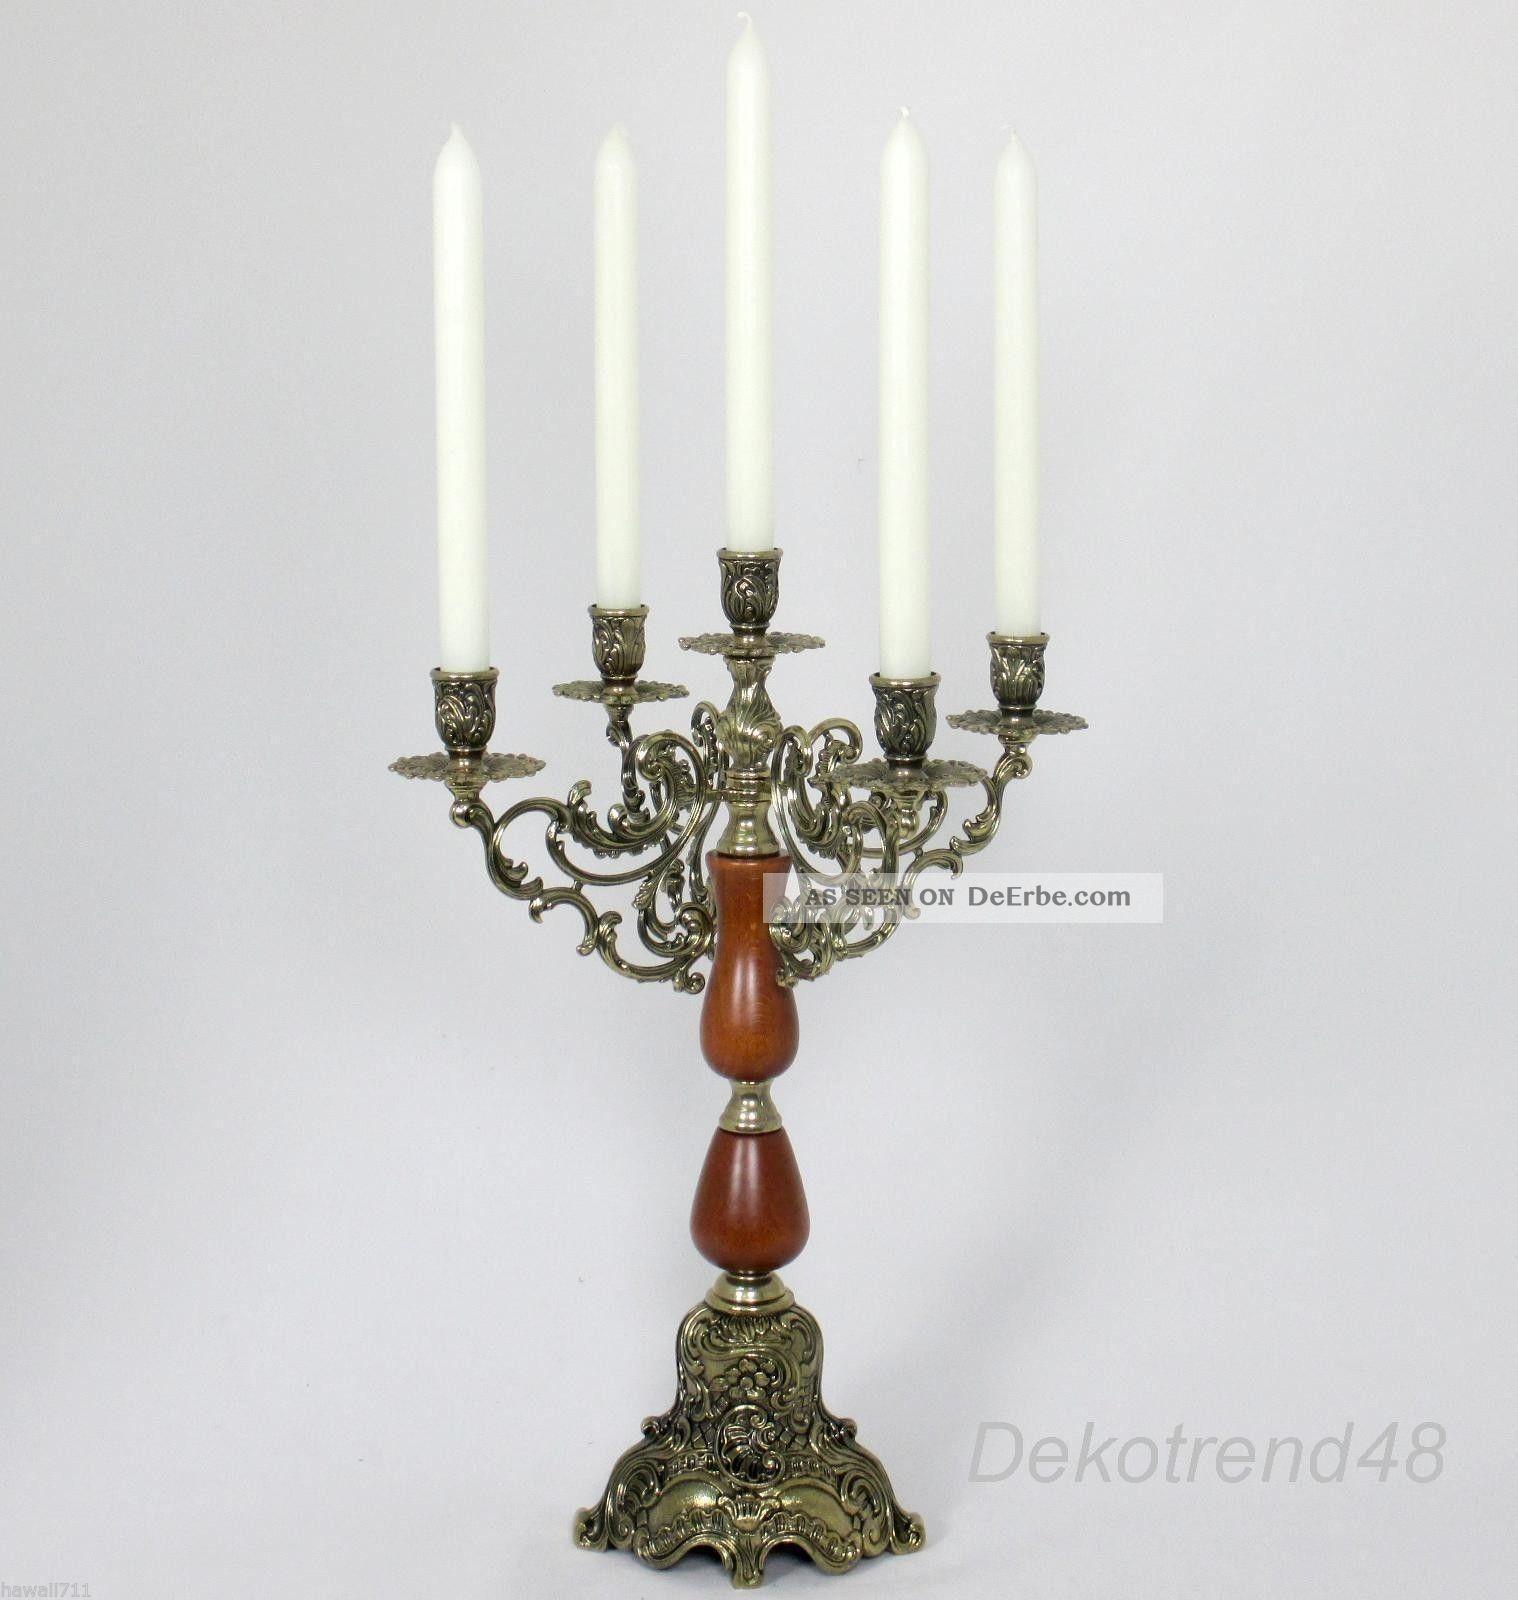 Kerzenleuchter 5 - Armig Tischleuchter Kerzenständer Antik Barock Leuchter Gefertigt nach 1945 Bild